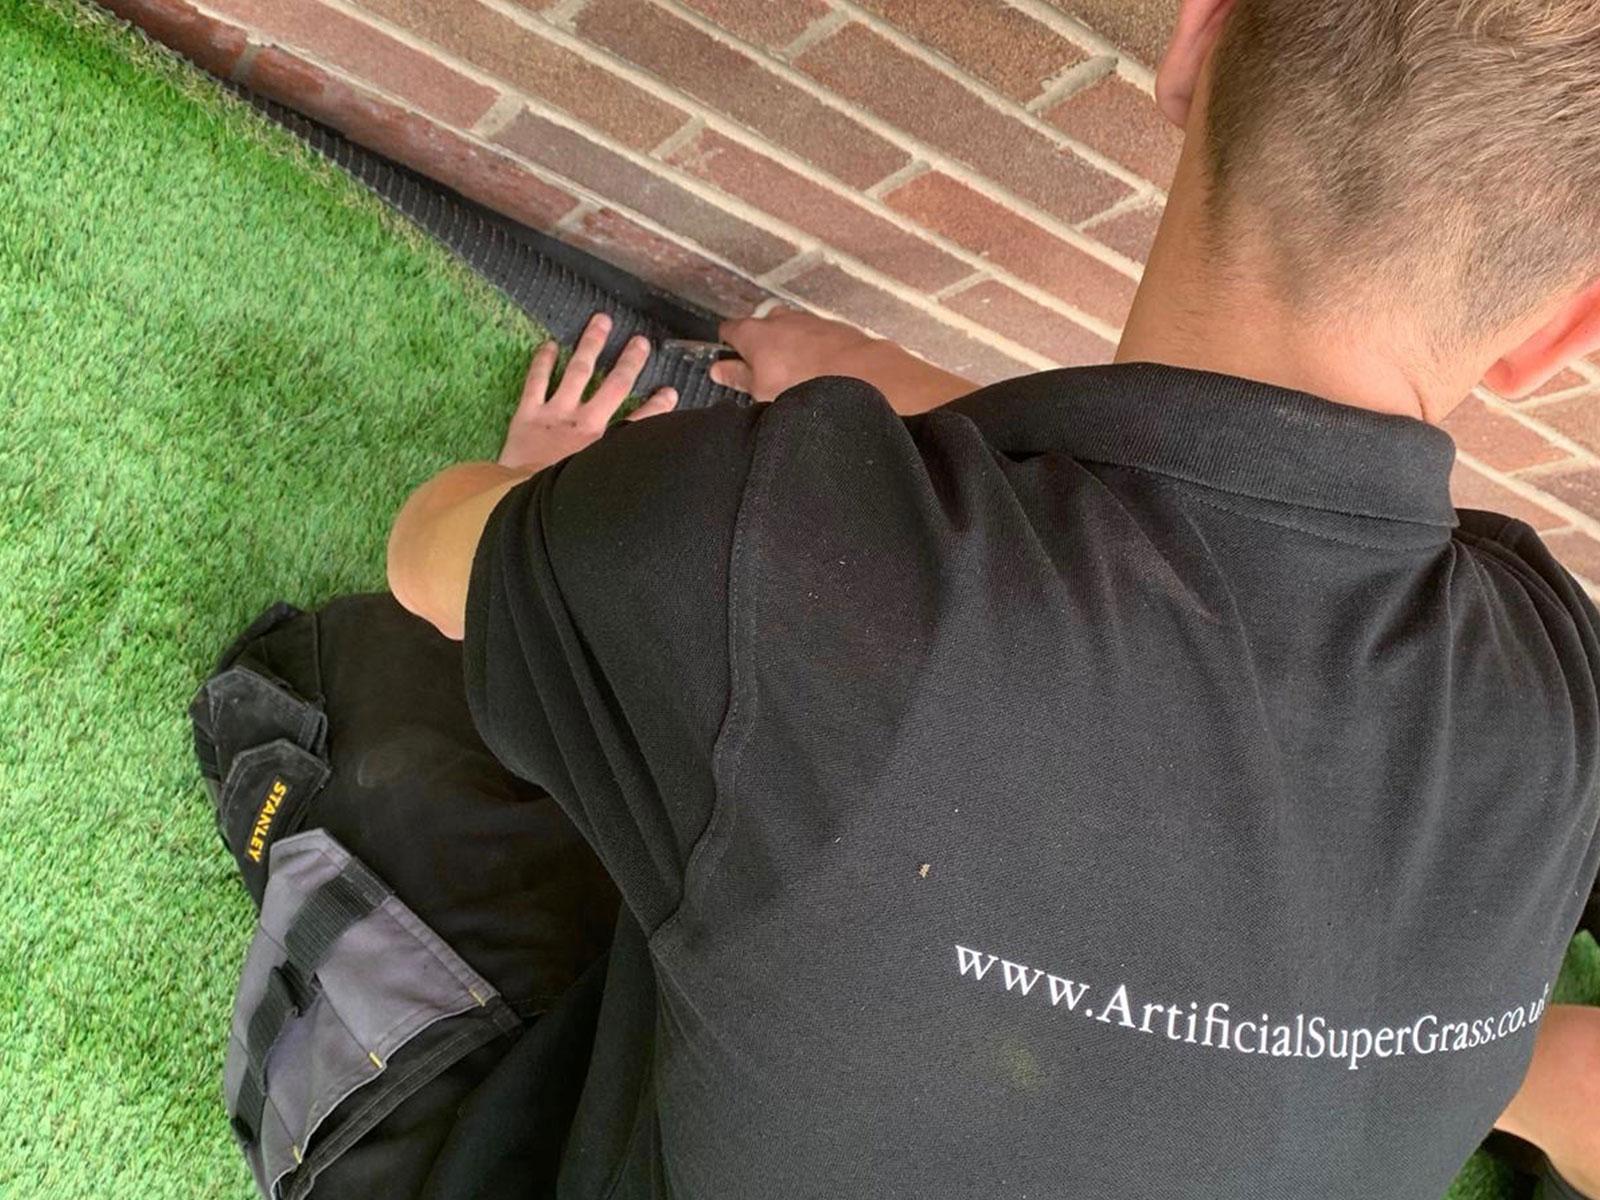 Artificial Grass Installers Yorkshire Artificial Super Grass